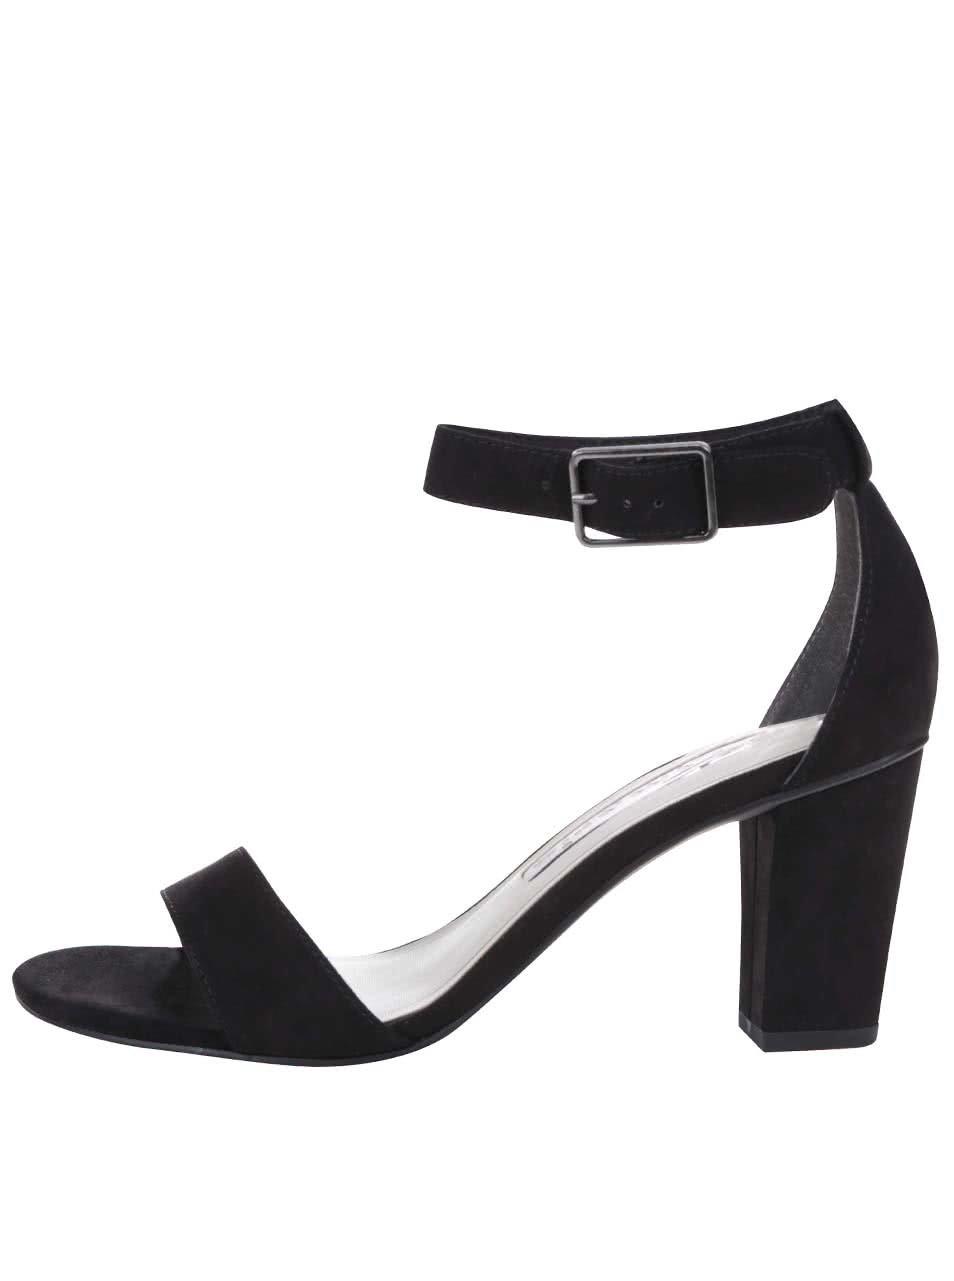 Černé sandály s páskem kolem kotníku Tamaris ... 9a520ecec8